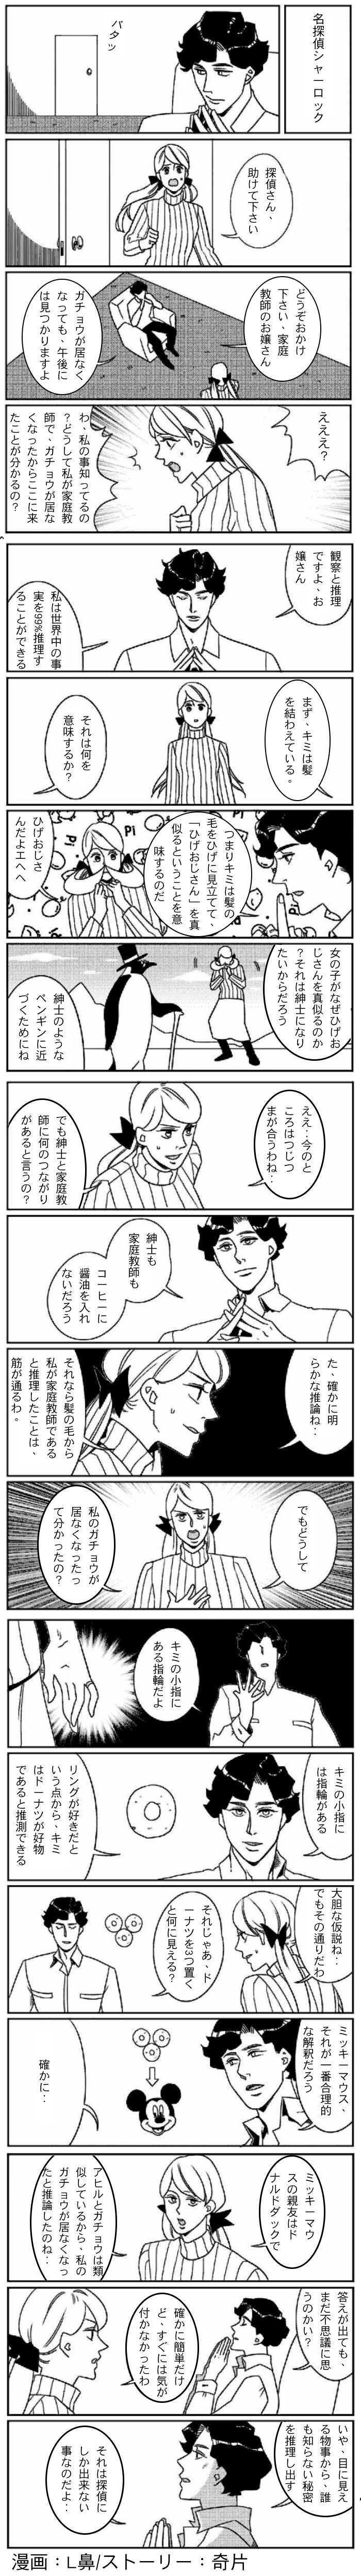 漫画-名探偵シャーロック